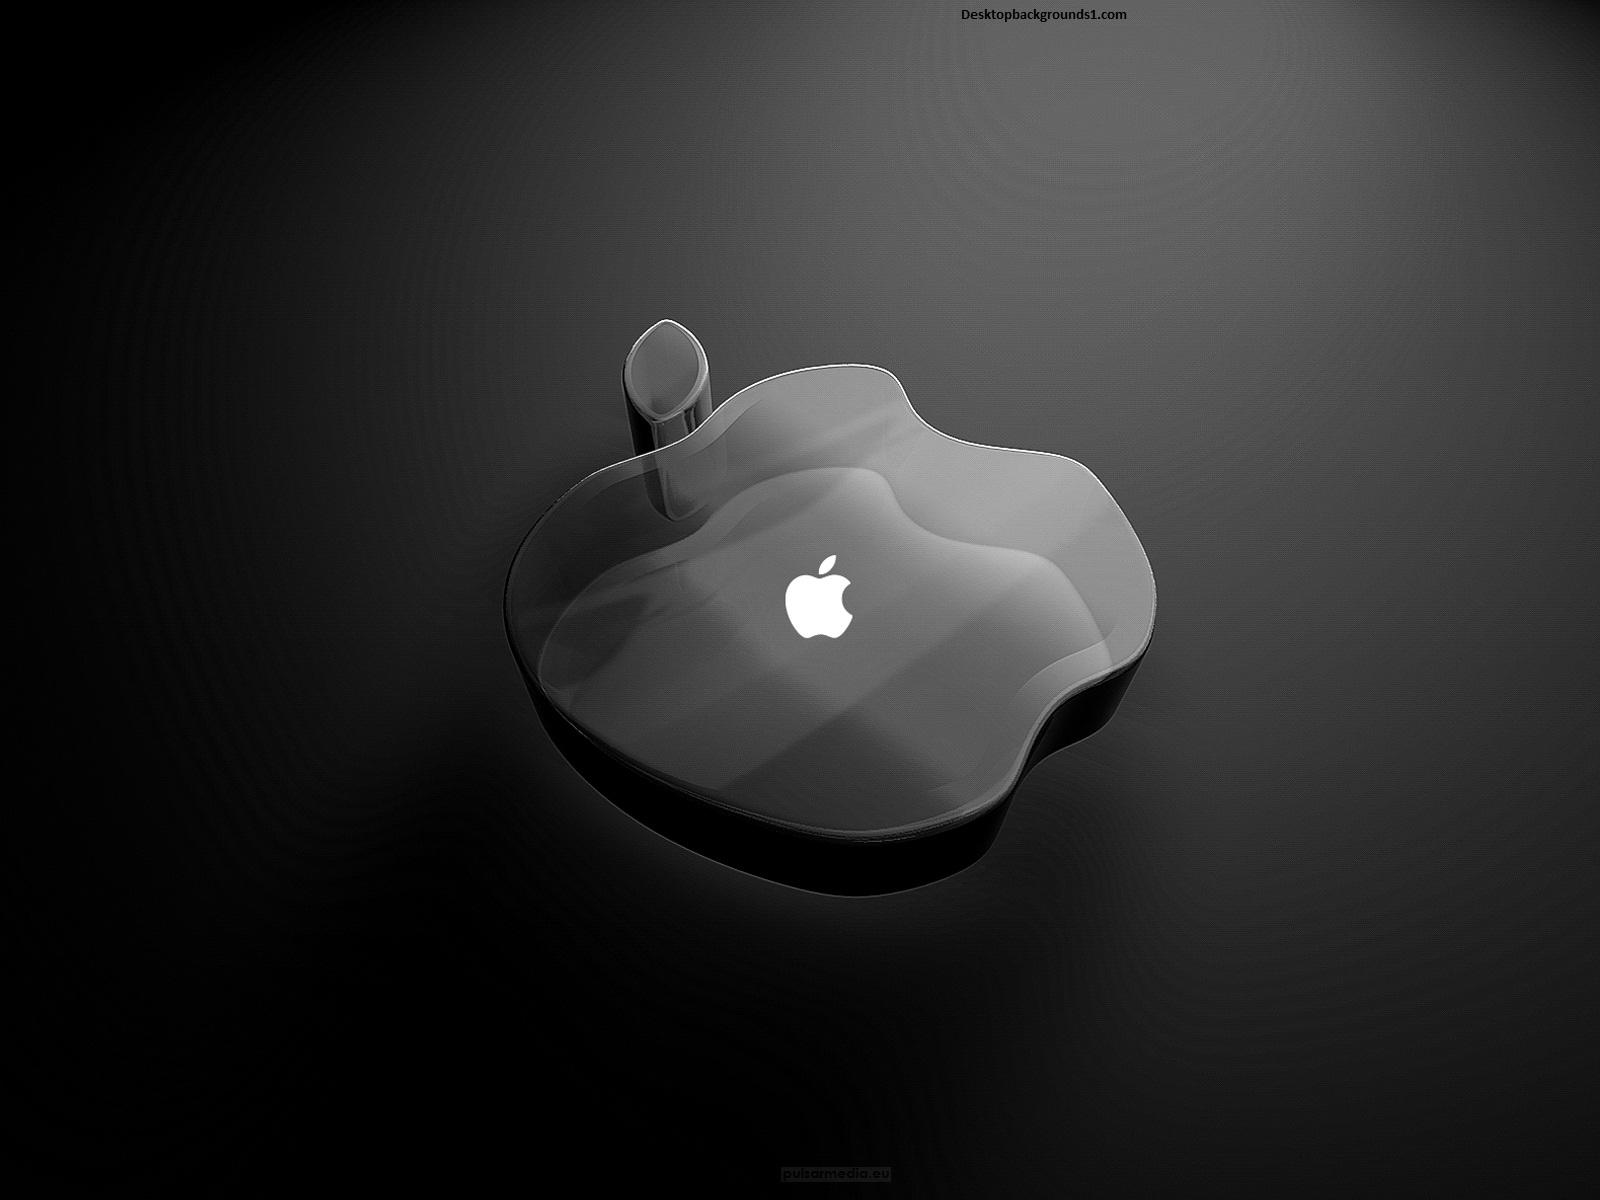 macbook pro desktop backgrounds macbook pro desktop background 1600x1200